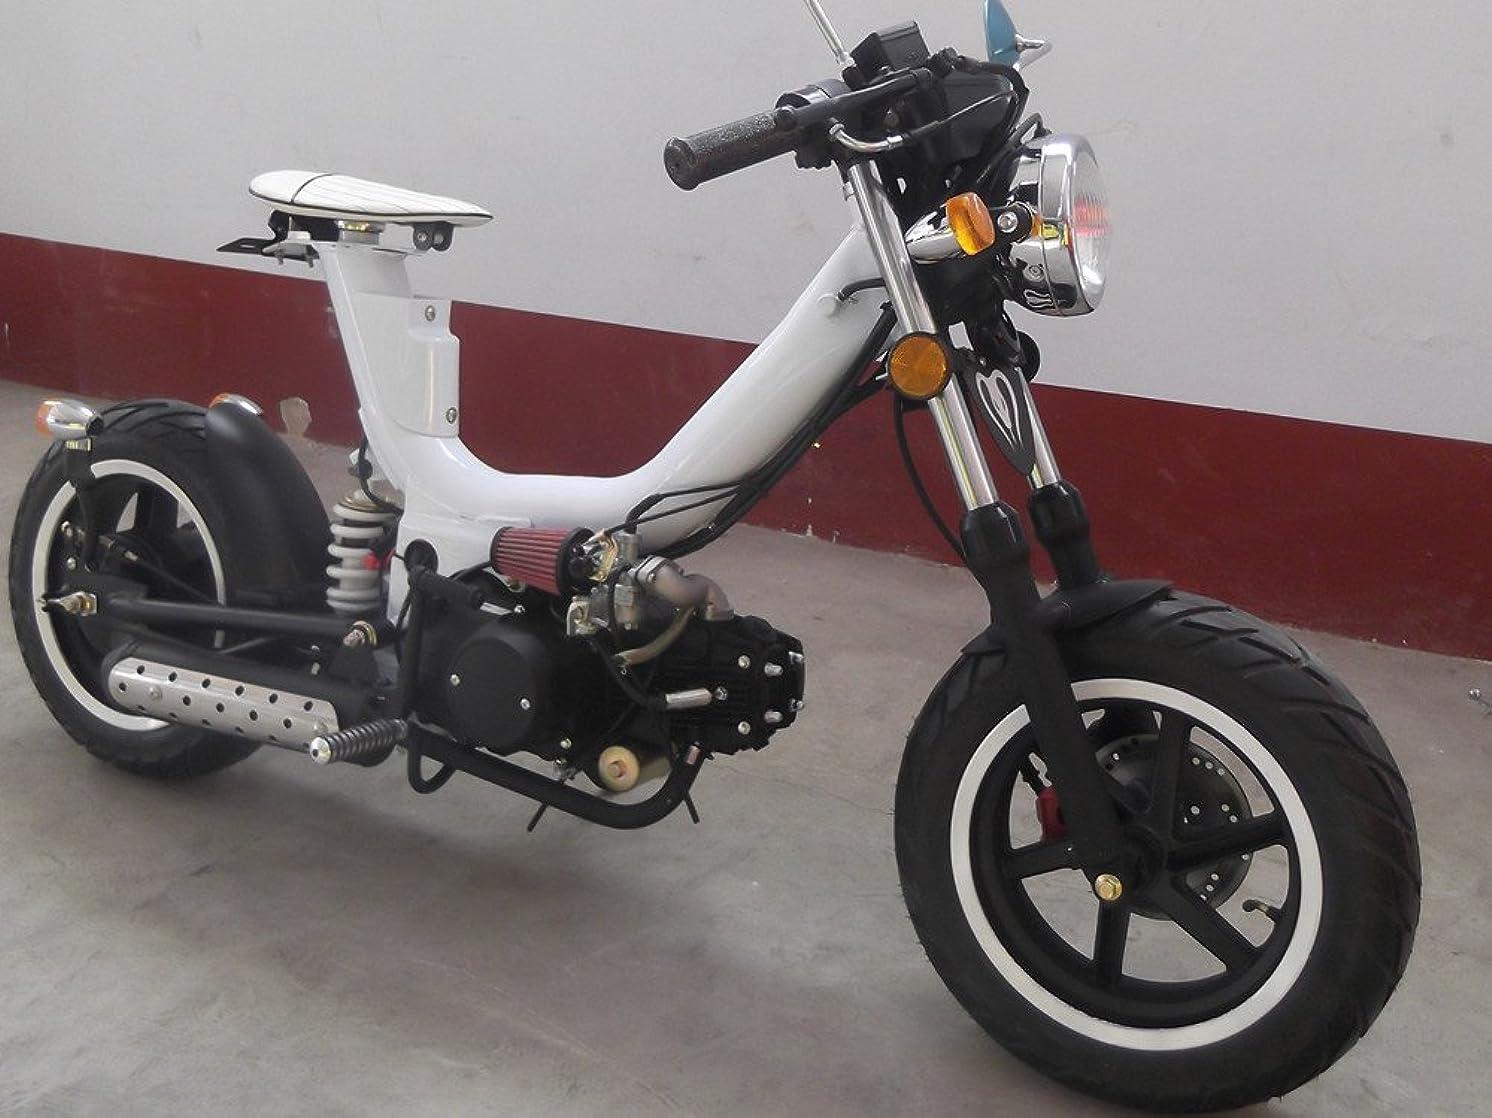 ルーフホイスト並外れてIceBear(アイスベアー) 四輪バギー ATV 50cc セミオートマ前進3速バック付 ミニカー登録 公道走行可 黒 HL50B